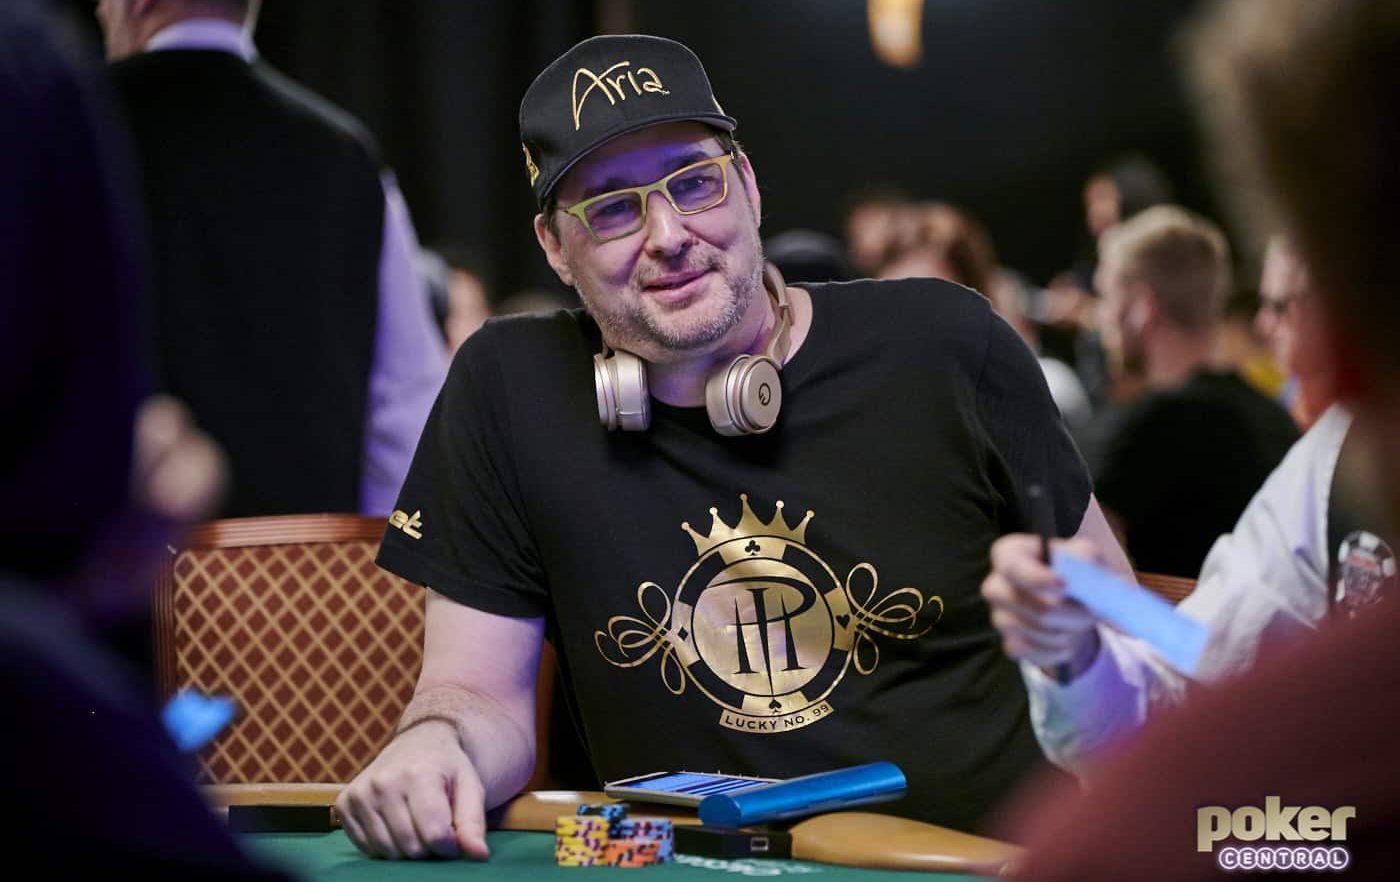 Chi è Phil Hellmuth record braccialetti WSOP